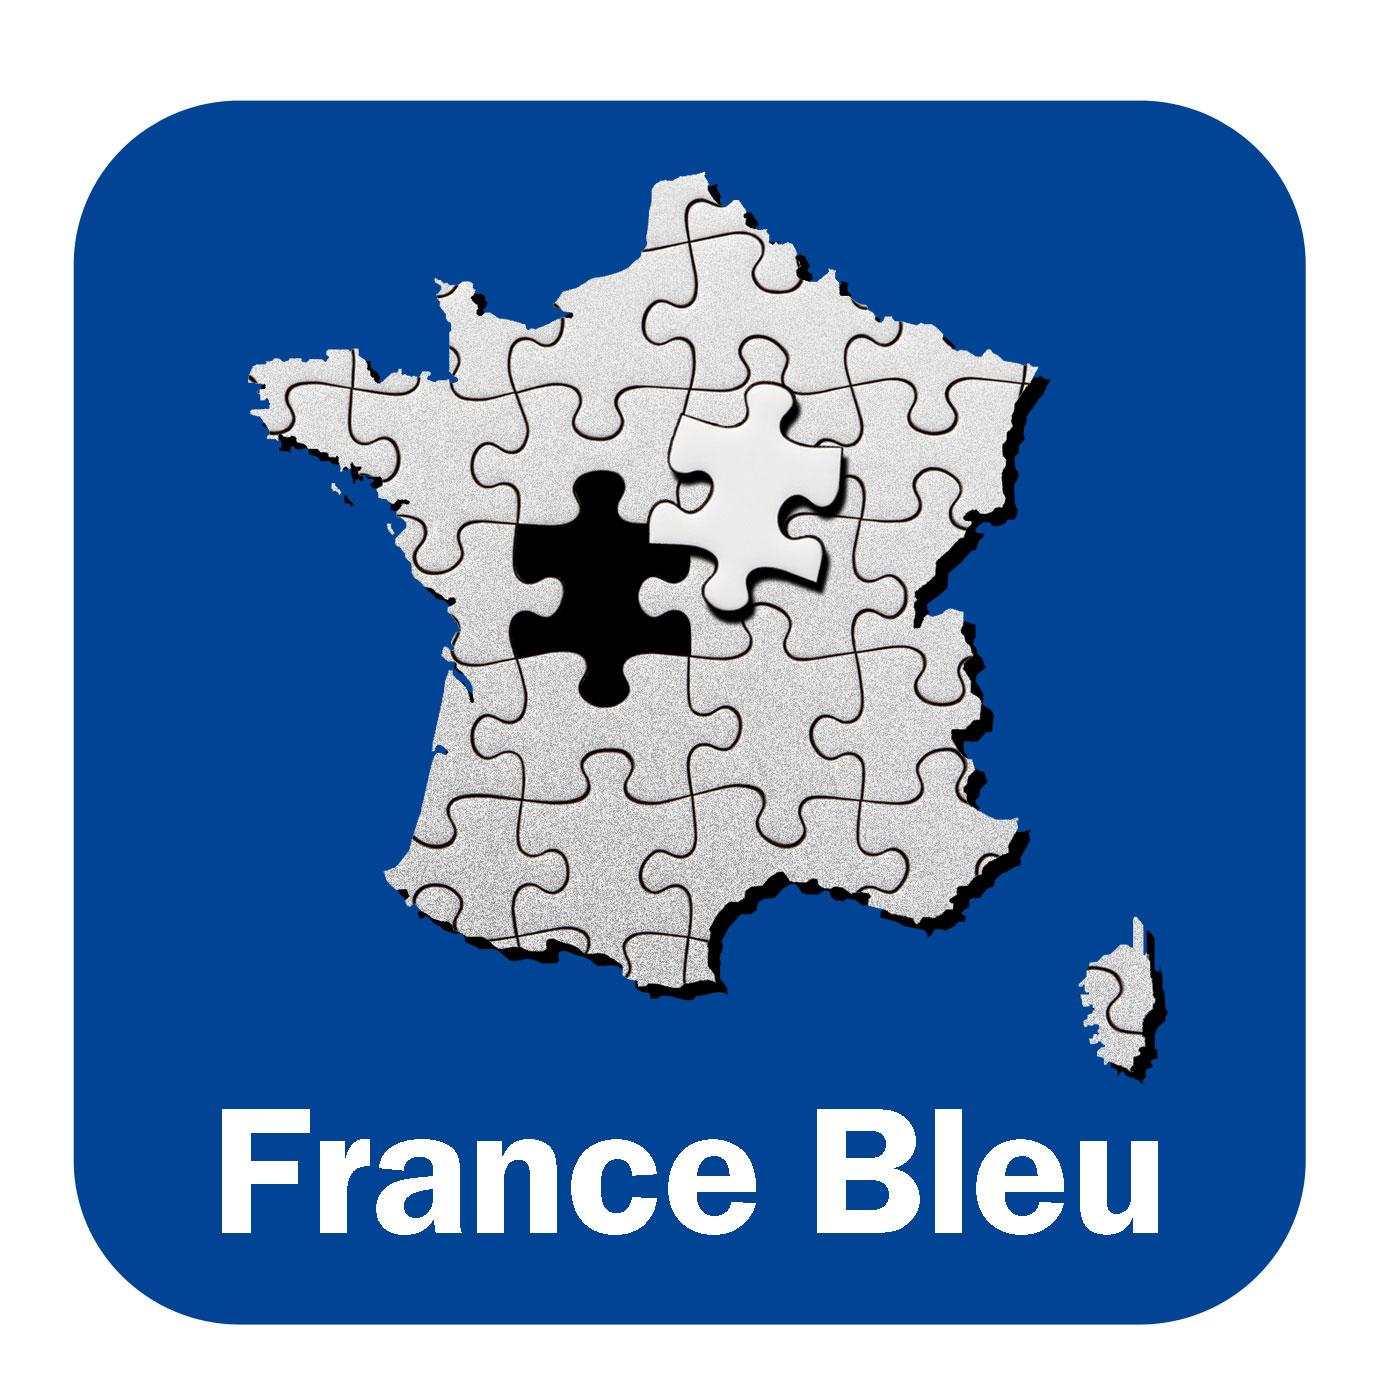 Nantes, mystérieuse et insolite FB Loire Océan